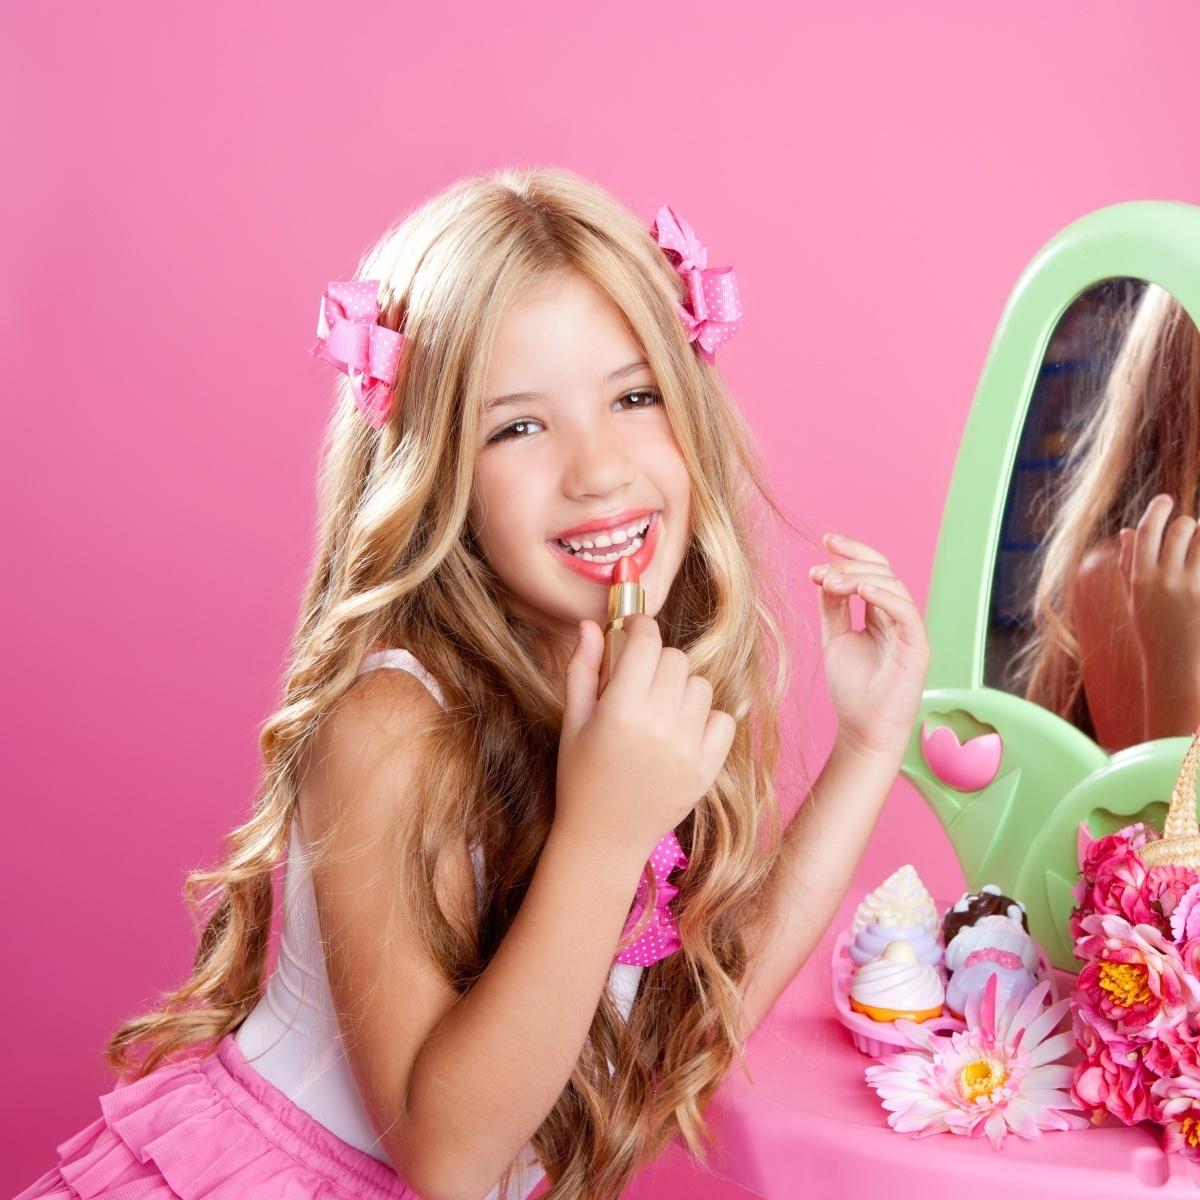 Девочка с помадой перед зеркалом в розовых тонах.